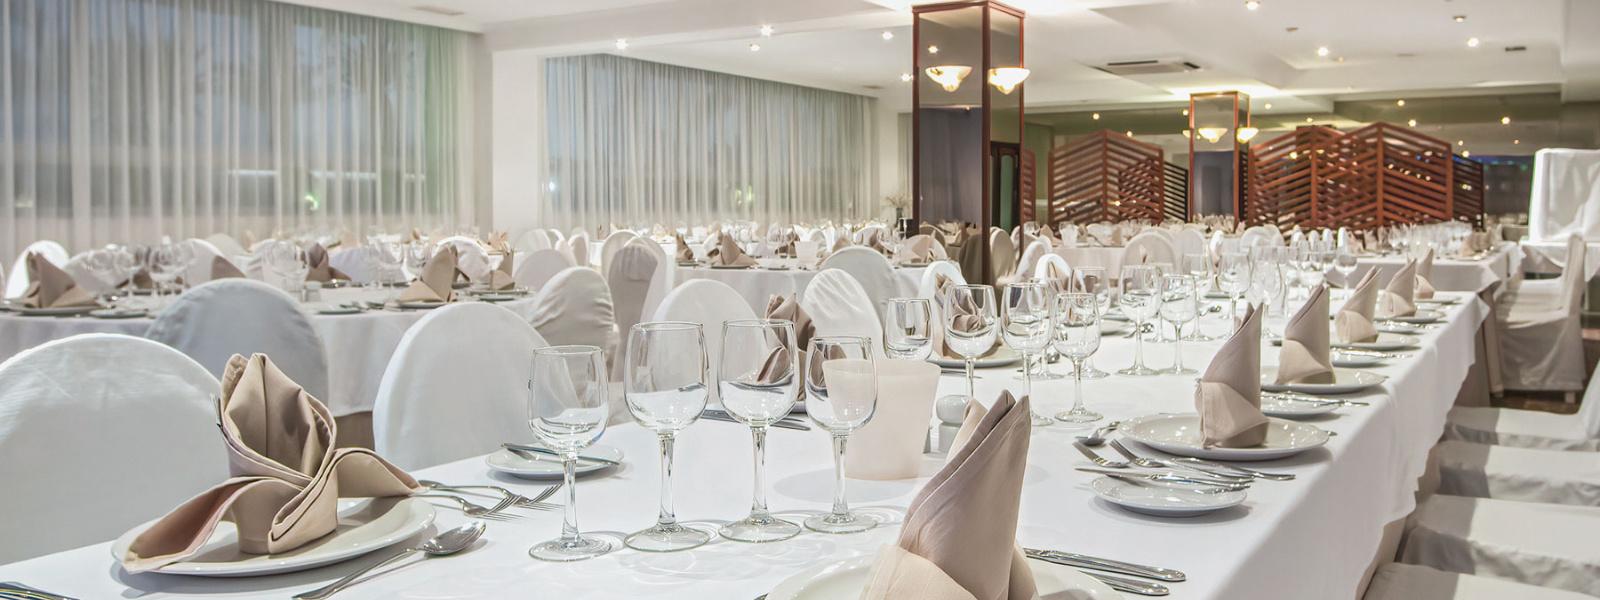 banquete1600